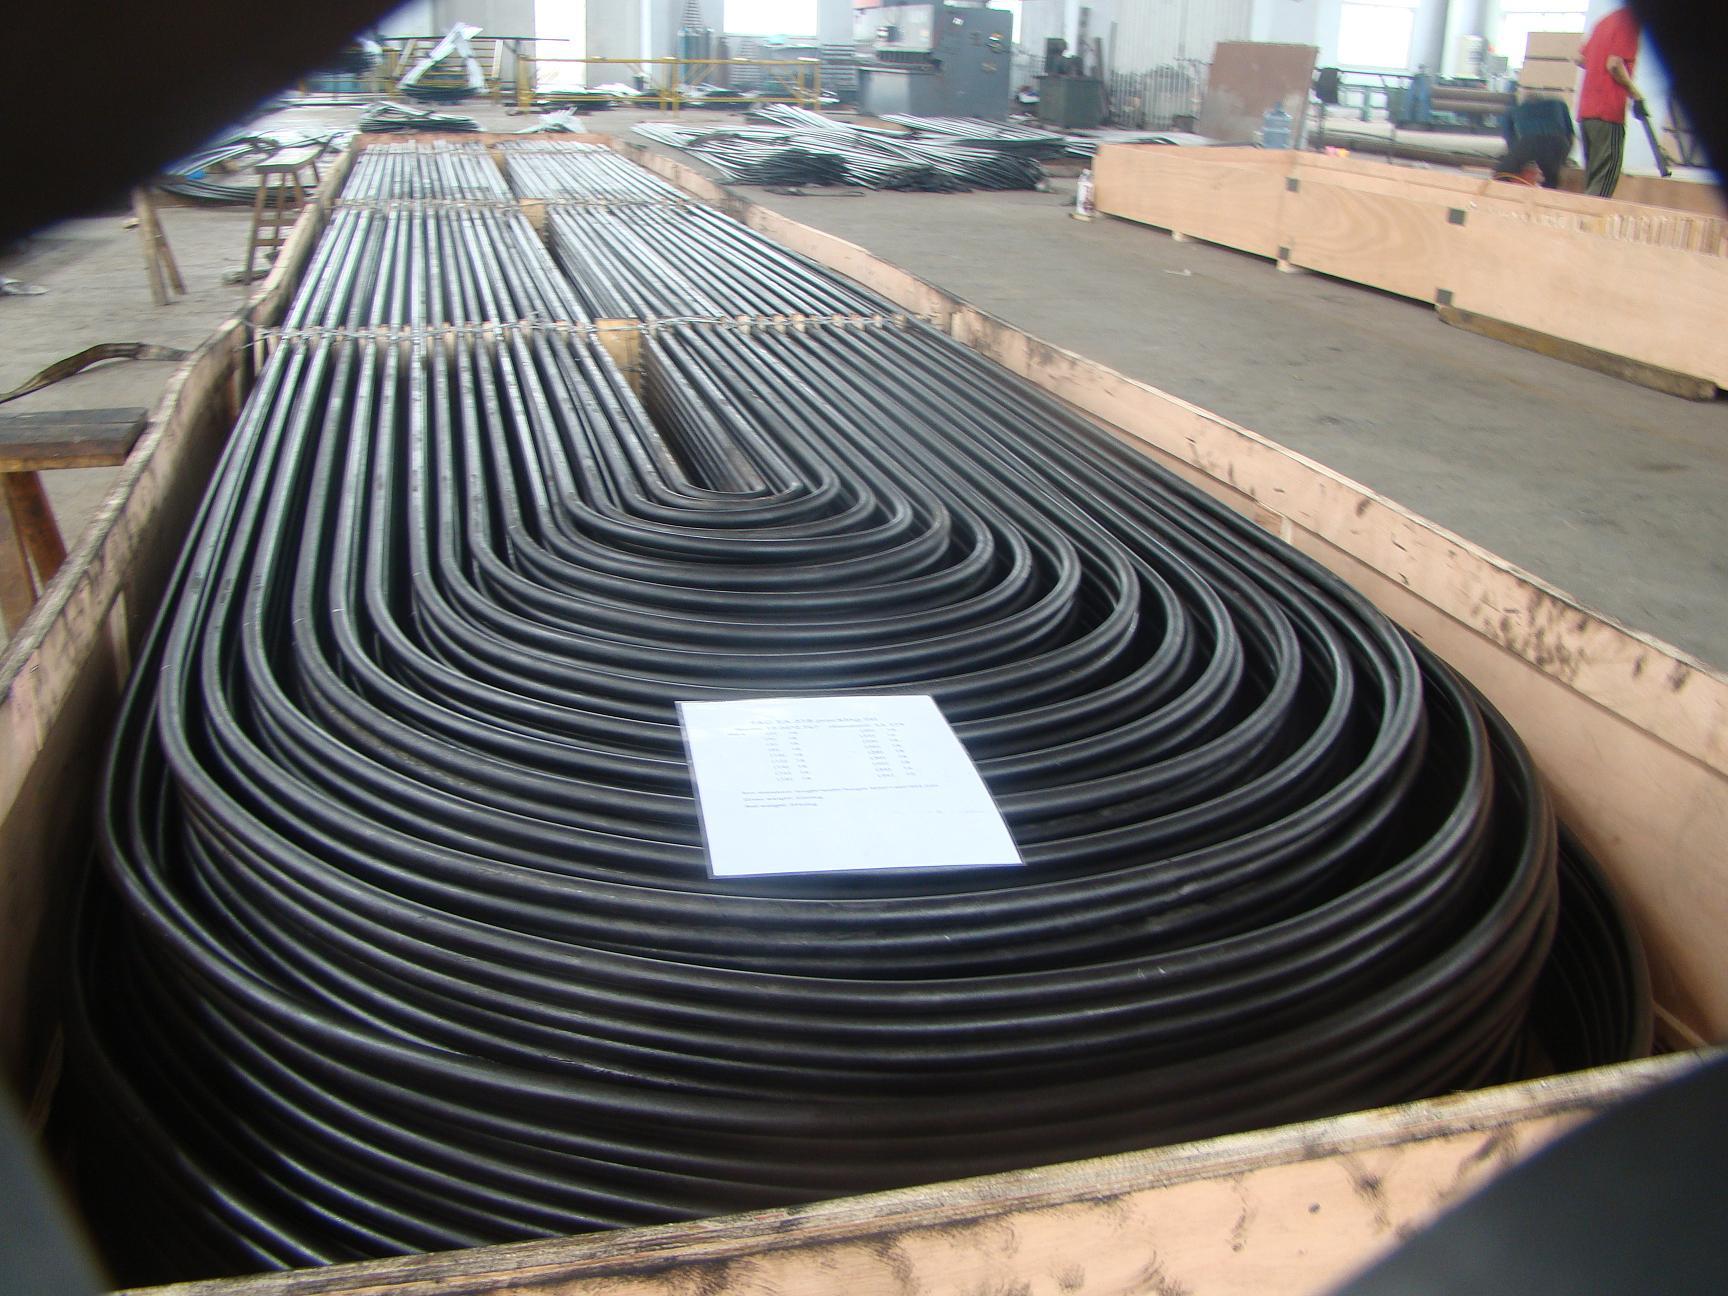 SA192 U Tubes Heat Exchanger and Shell Tubes